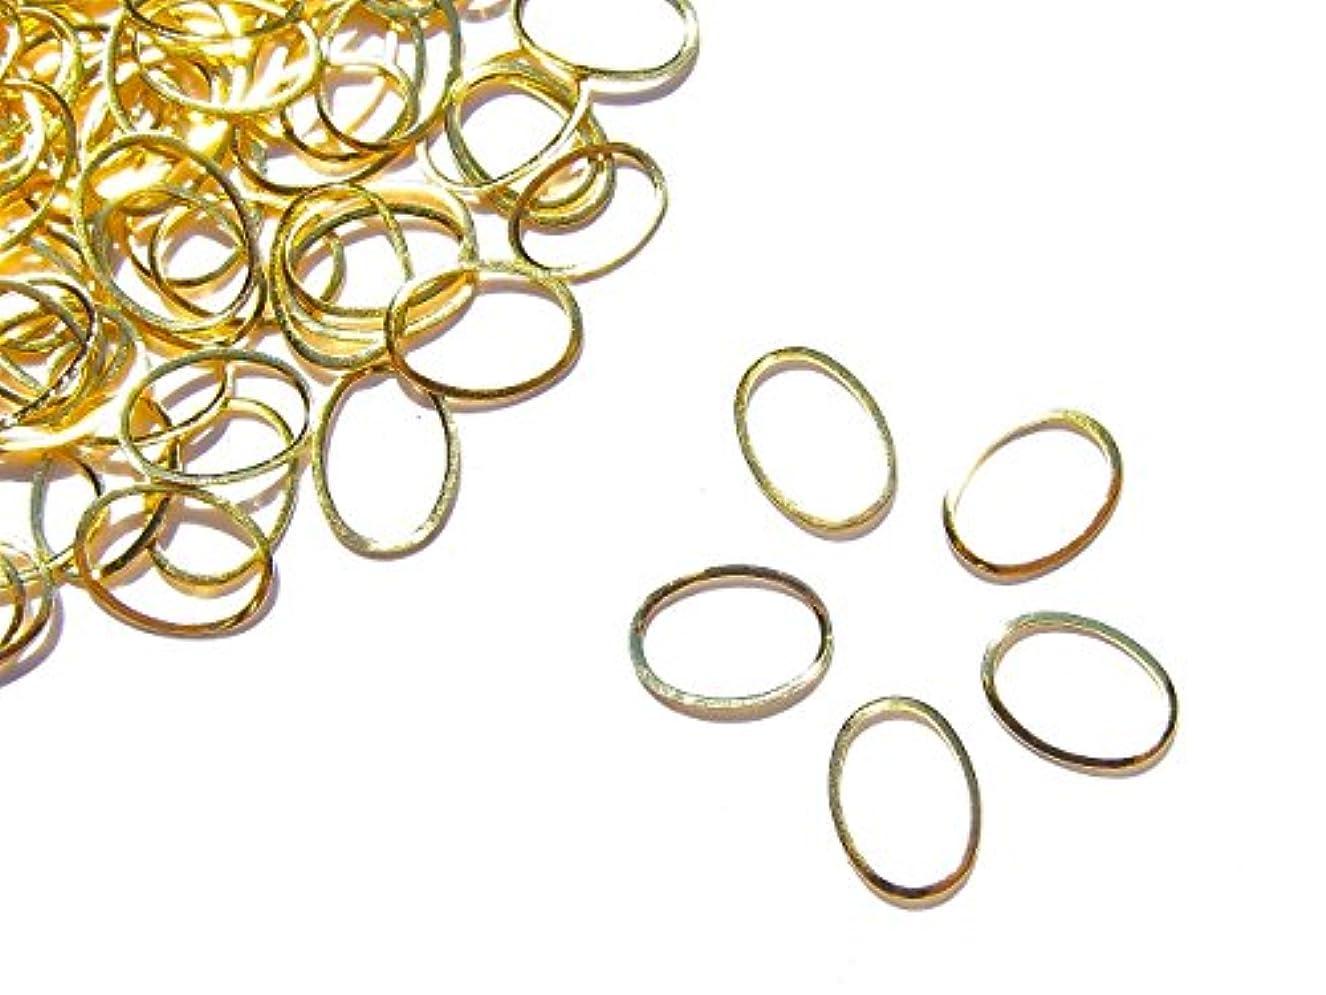 無臭不適当嵐の【jewel】メタルフレームパーツ オーバル型 8.5mm×6mm 10枚入り ゴールド 金 (カーブ付きフラットタイプ)素材 材料 レジン ネイルアート パーツ 手芸